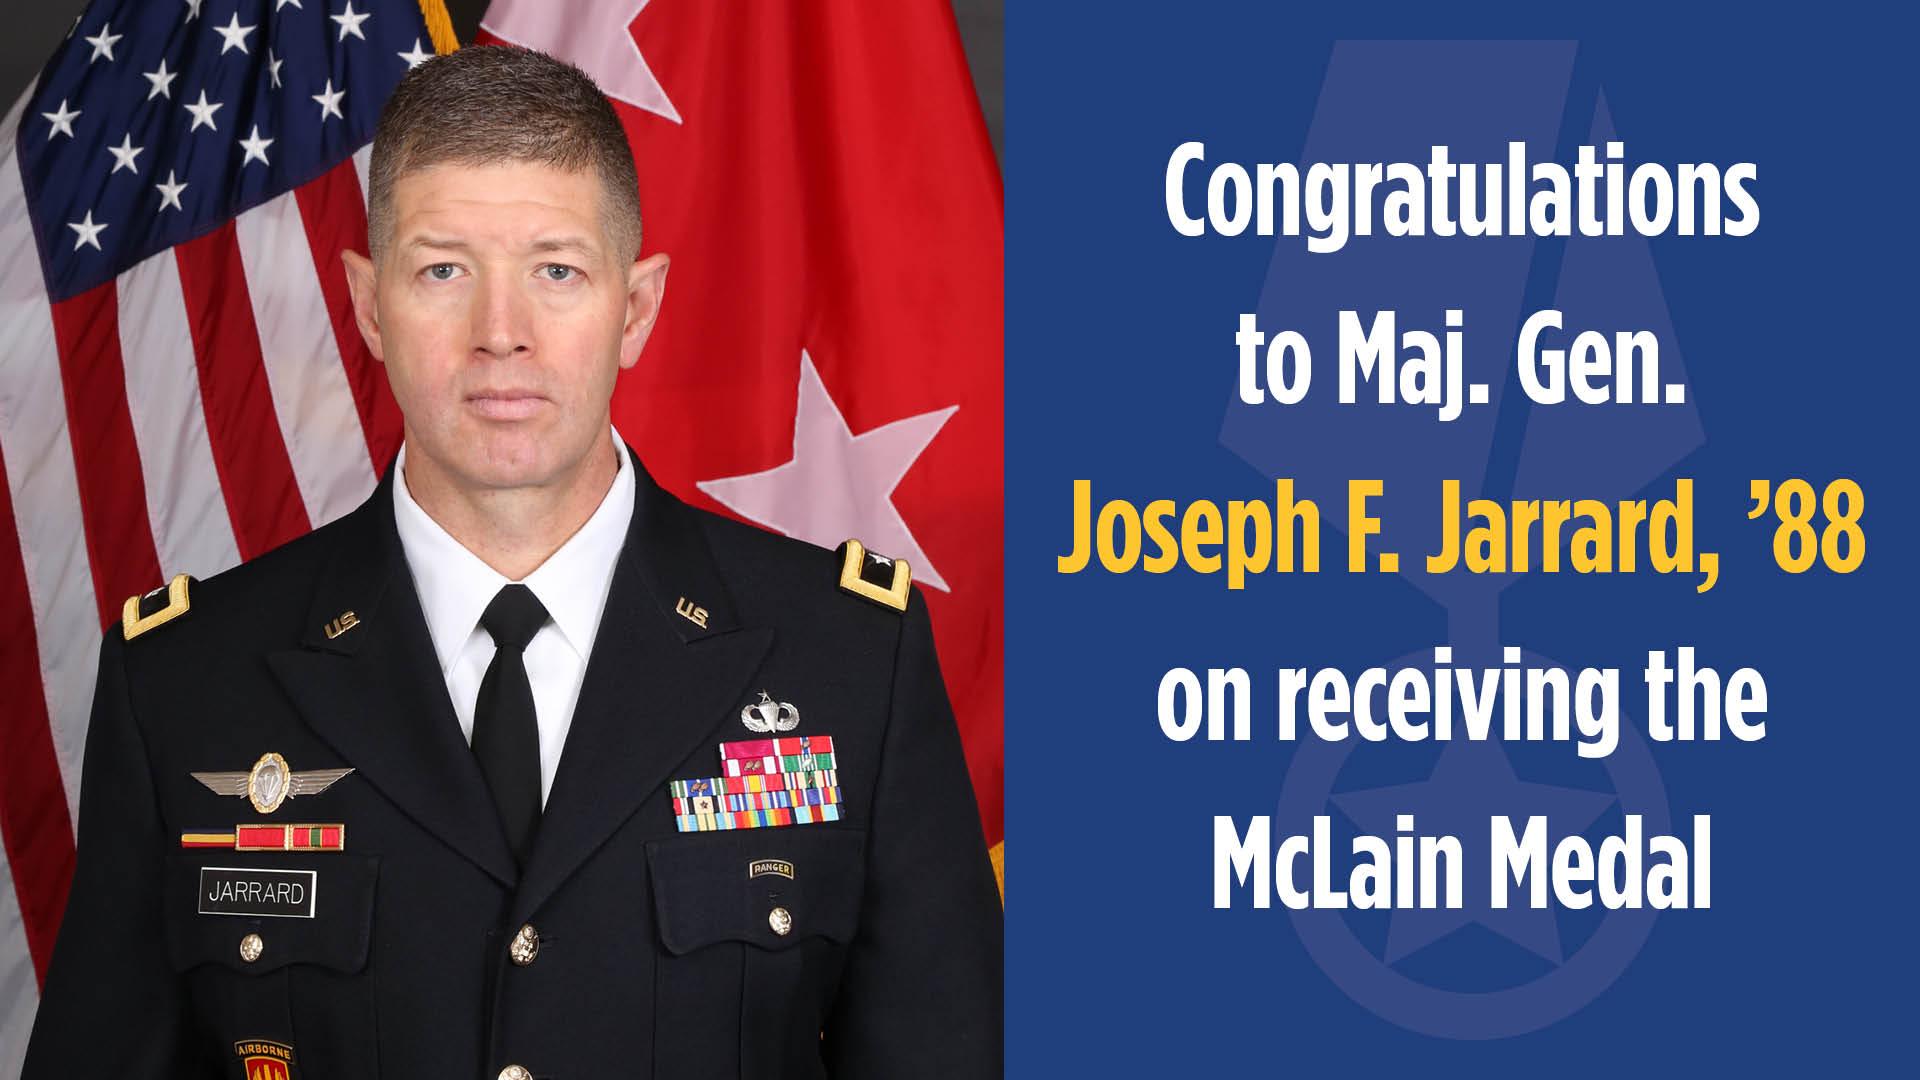 Gen. Joe Jarrard earns McLain Medal